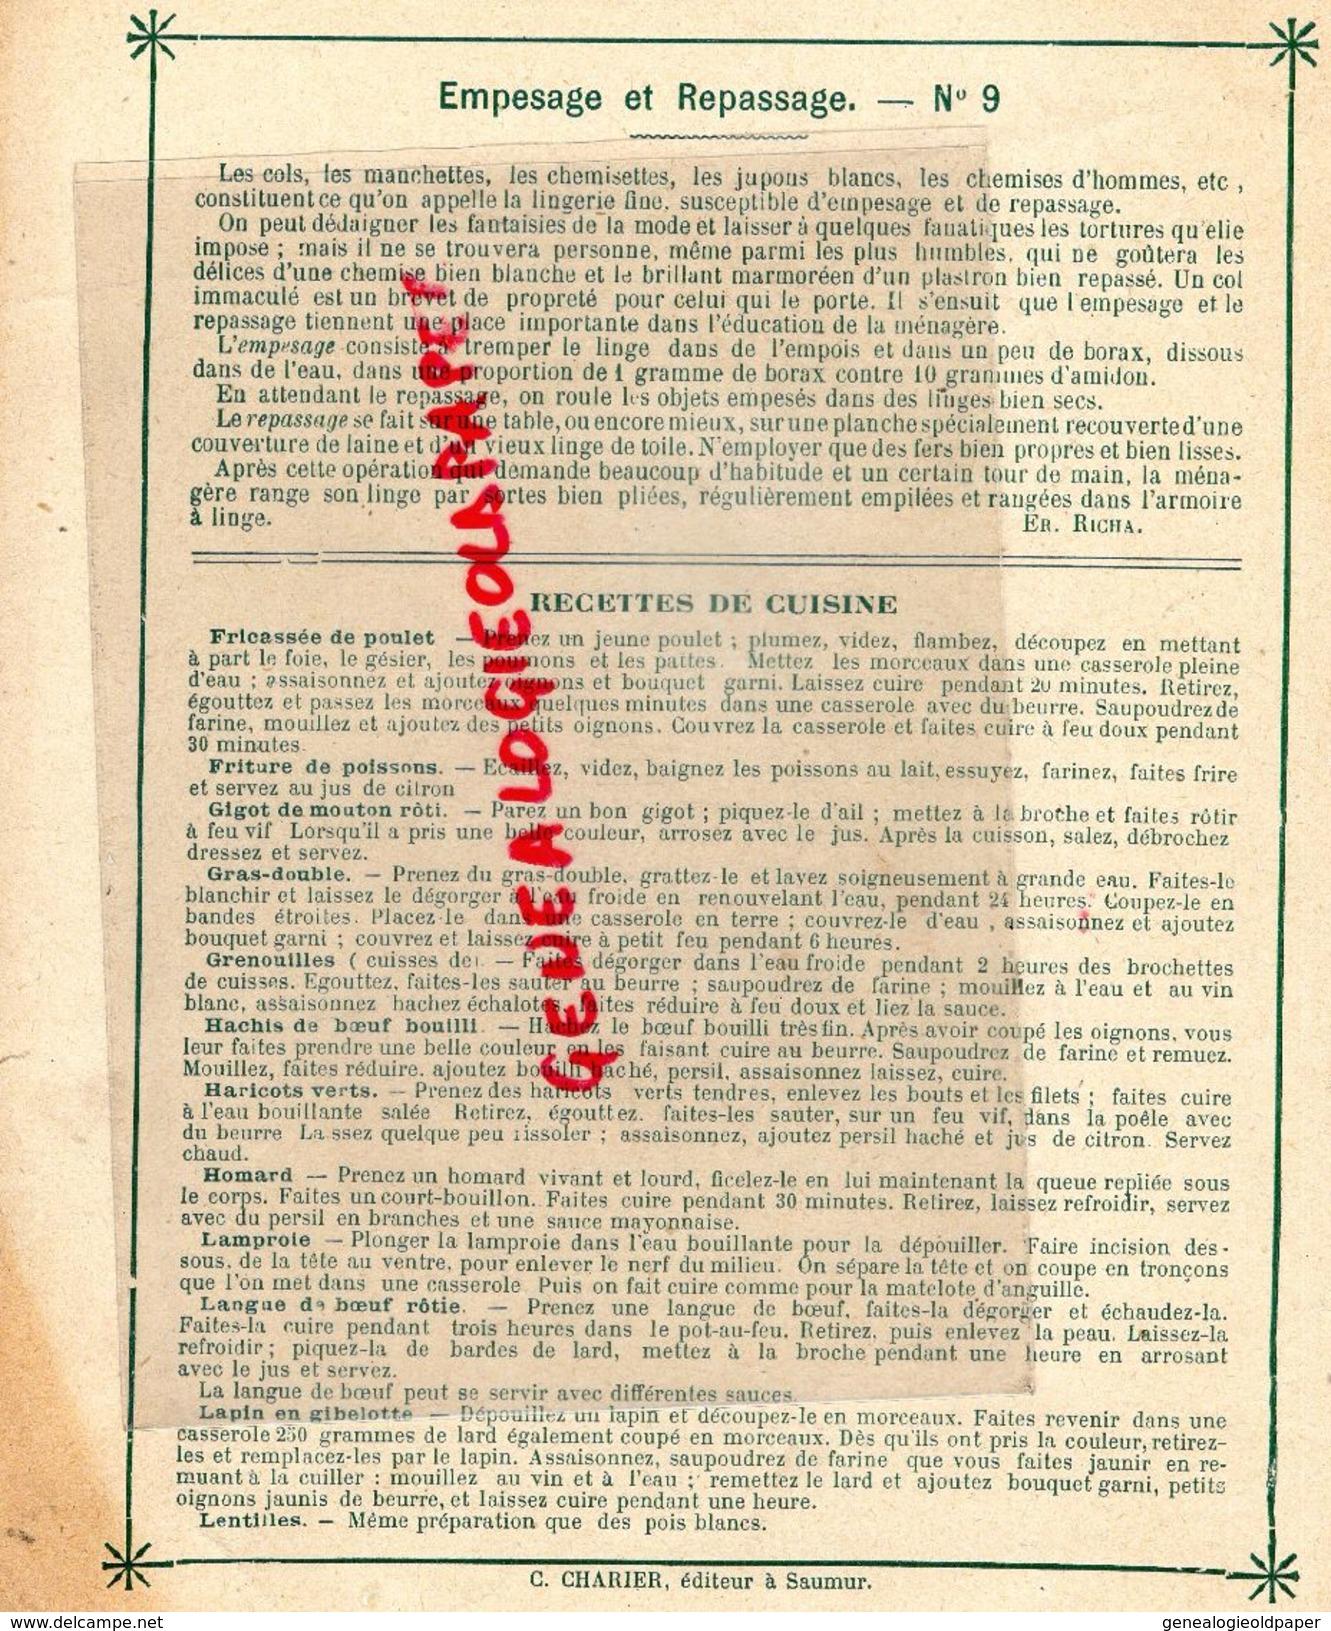 PROTEGE CAHIER-IMPRIMERIE DUCOURTIEUX LIMOGES-MAITRESSE DE MAISON-EMPESAGE REPASSAGE-CUISINE -CHARIER SAUMUR - Blotters